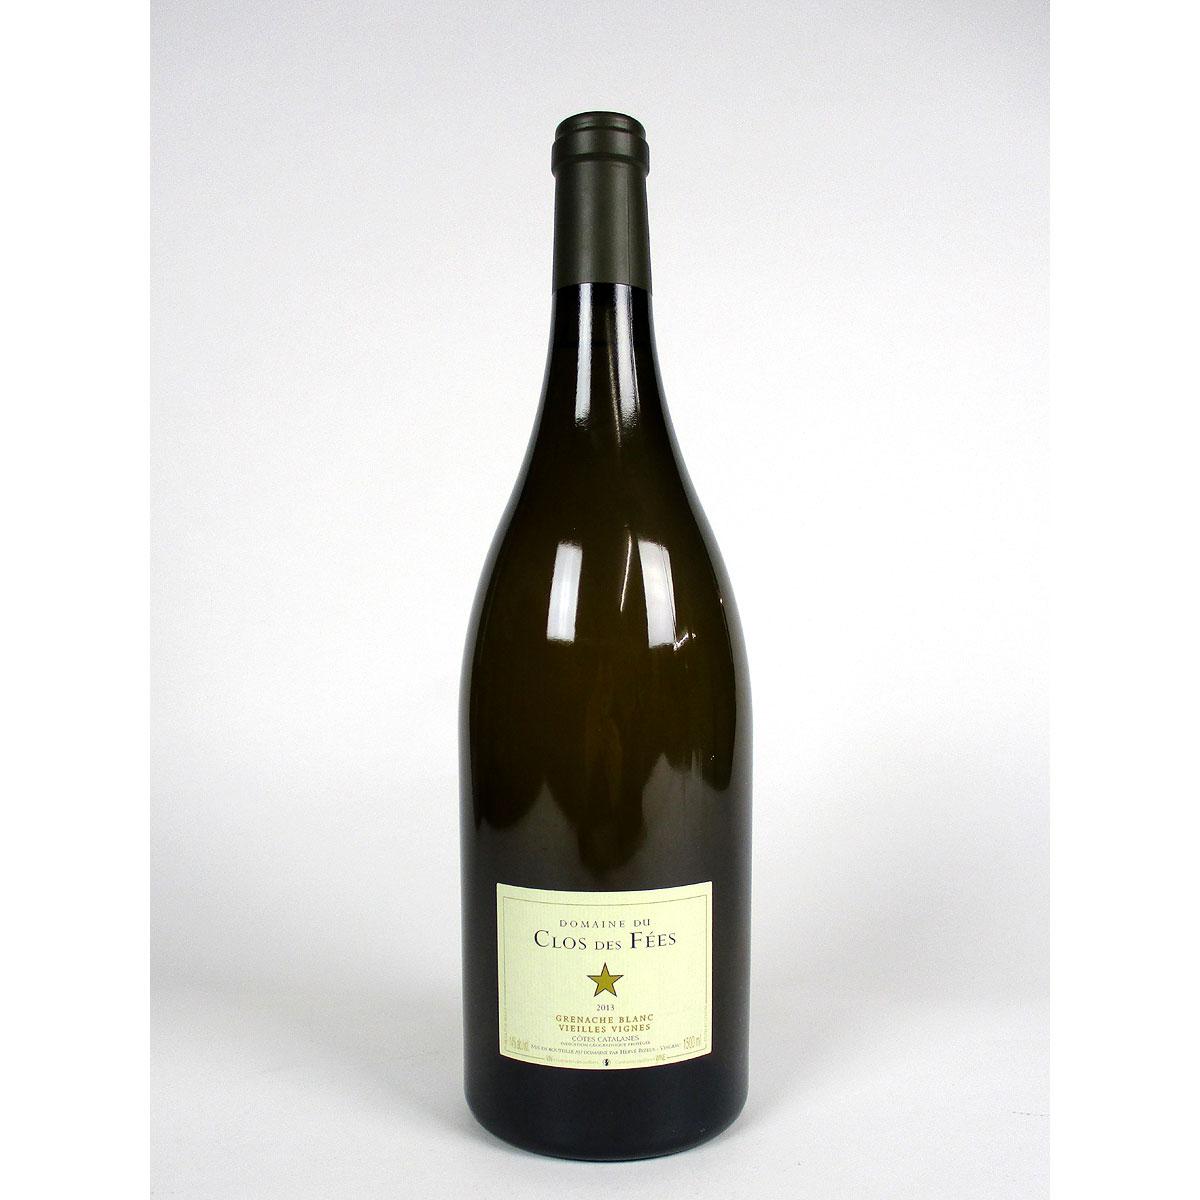 IGP Côtes Catalanes: Domaine du Clos des Fées 'Vieilles Vignes' Grenache Blanc 2013 - Bottle